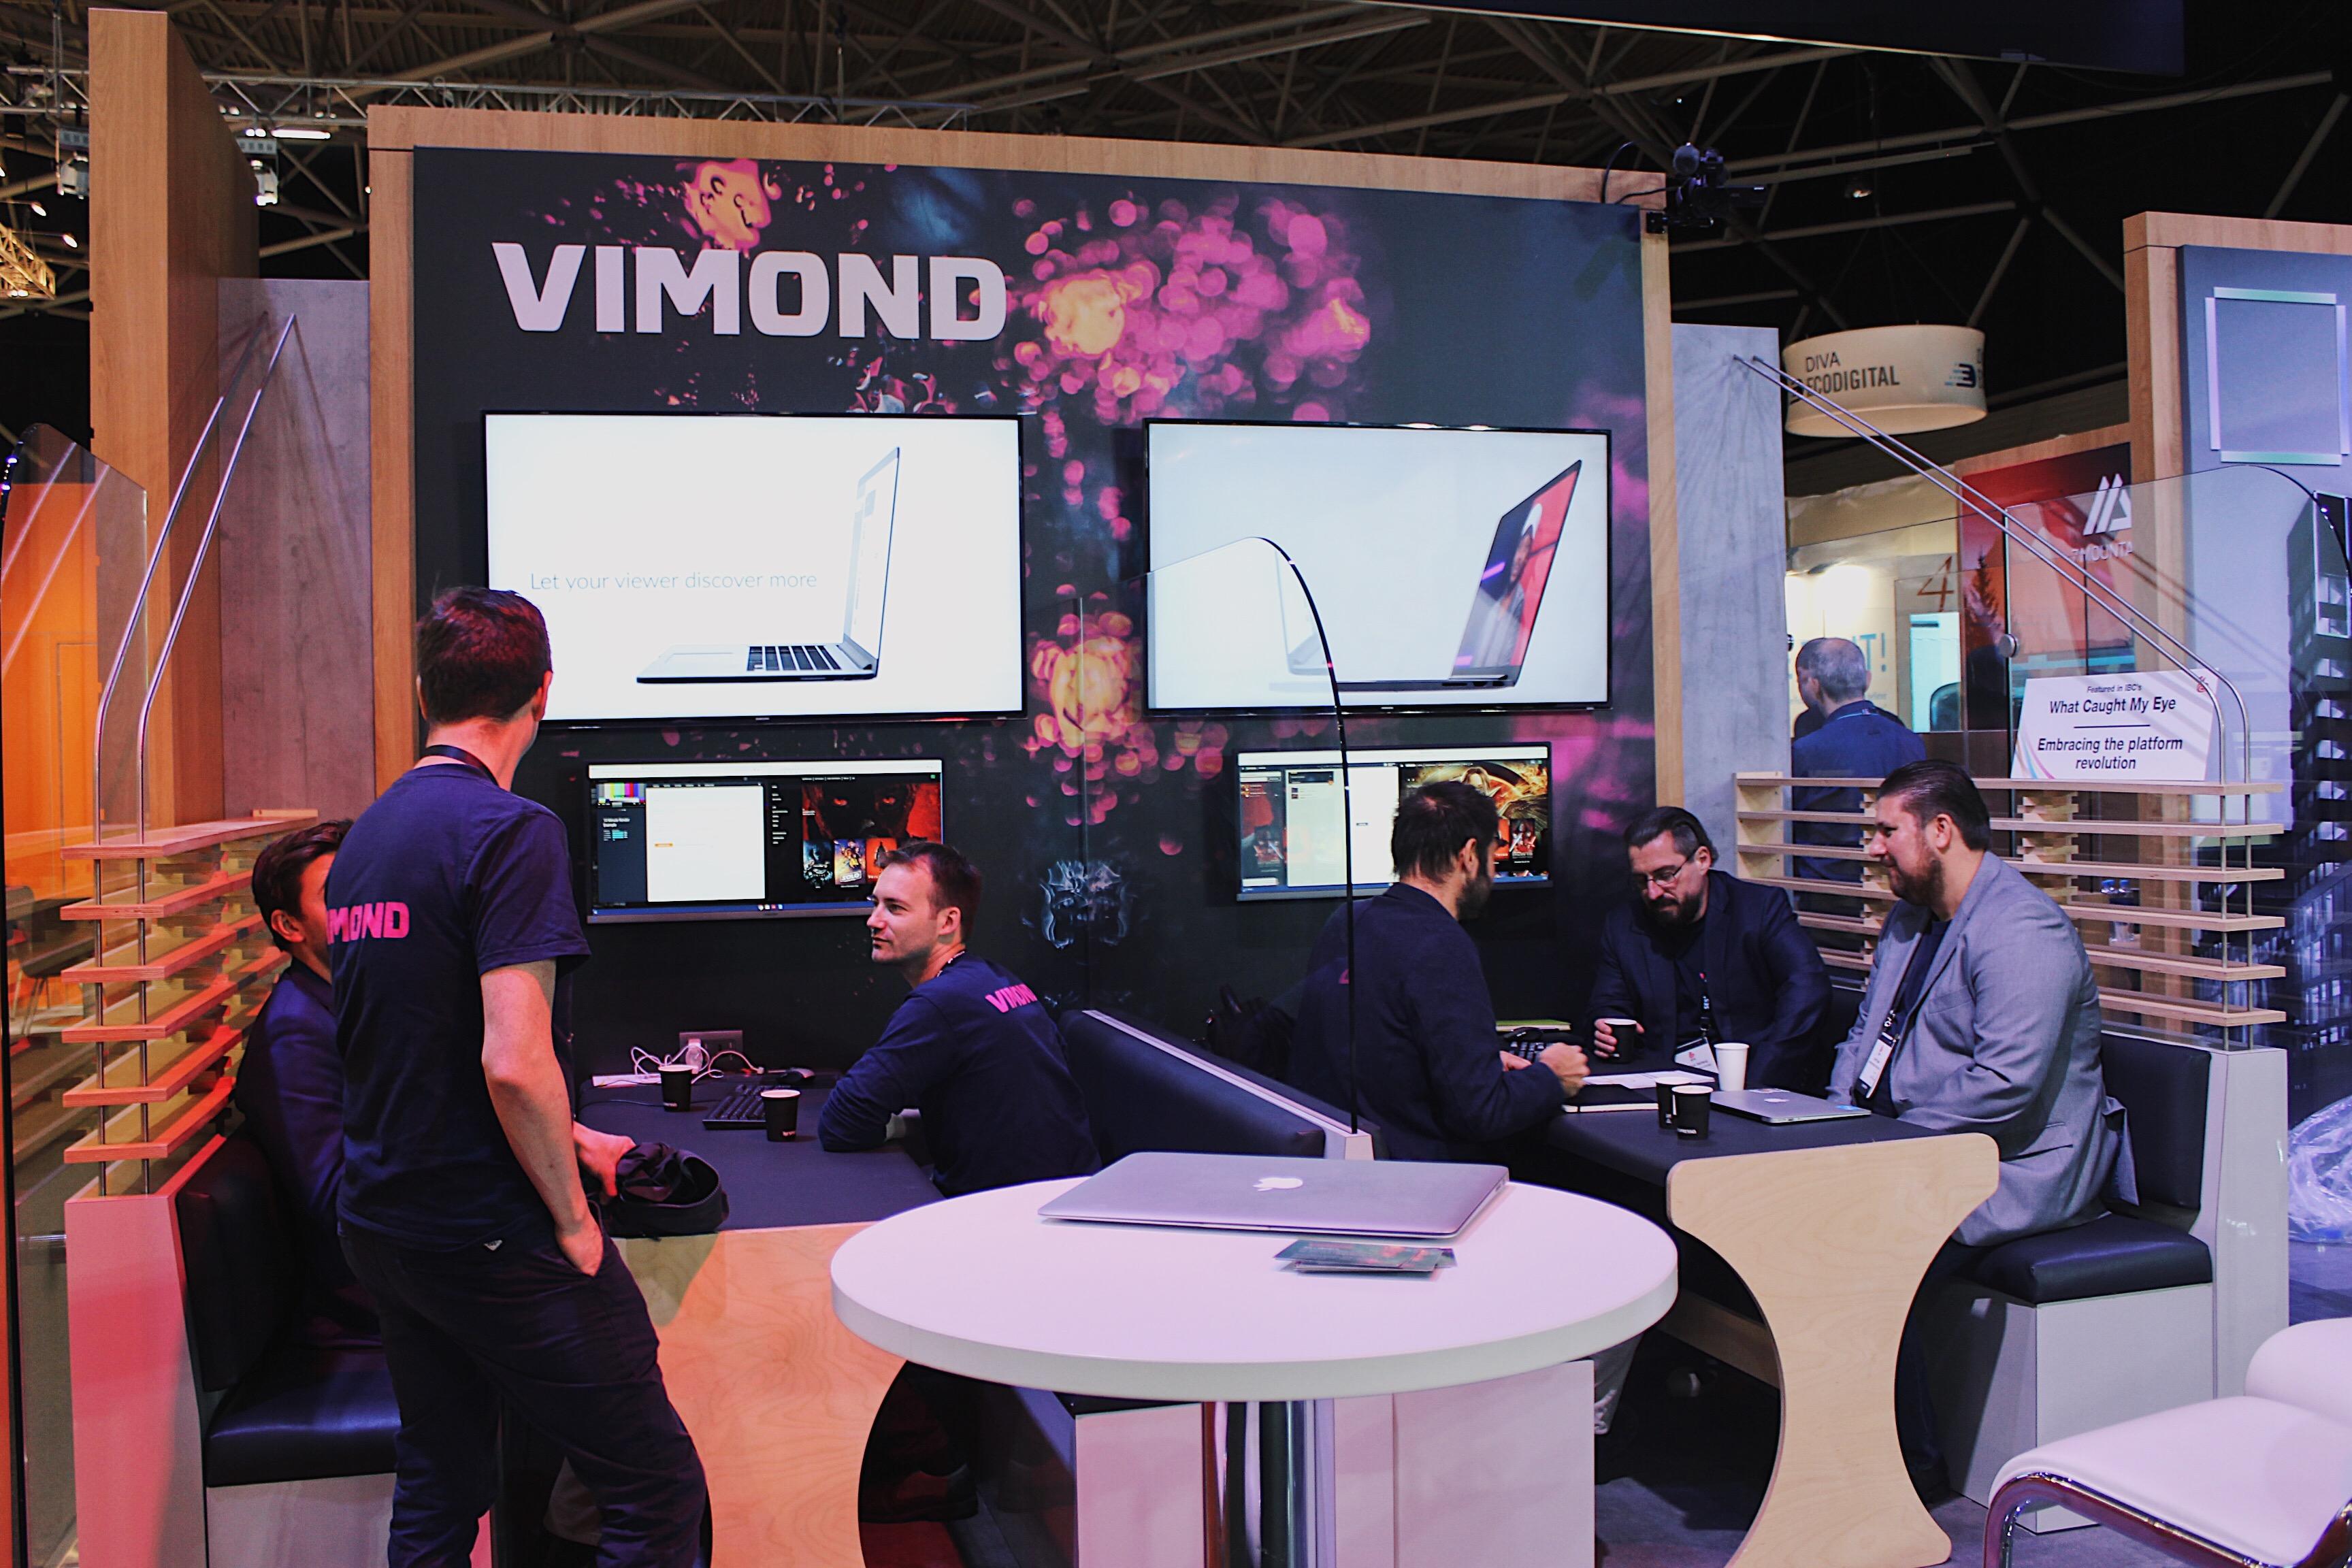 IBC 2019 Vimond